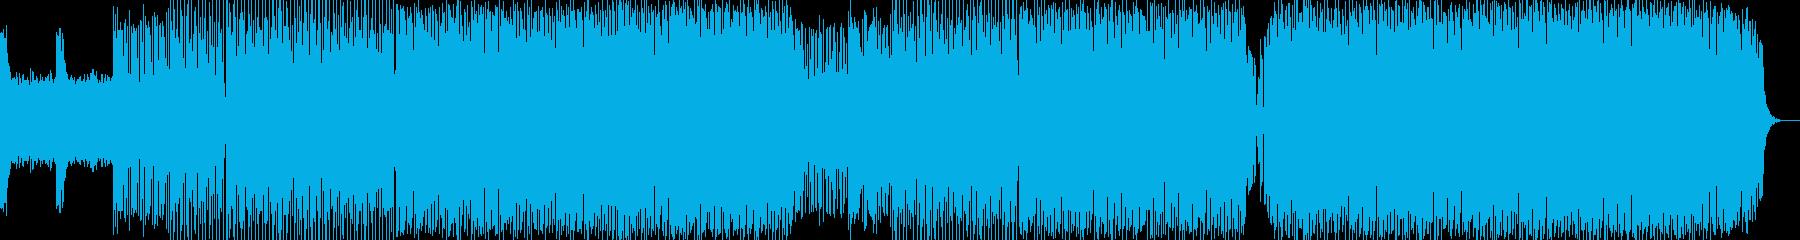 淡々としたビッグビートの再生済みの波形